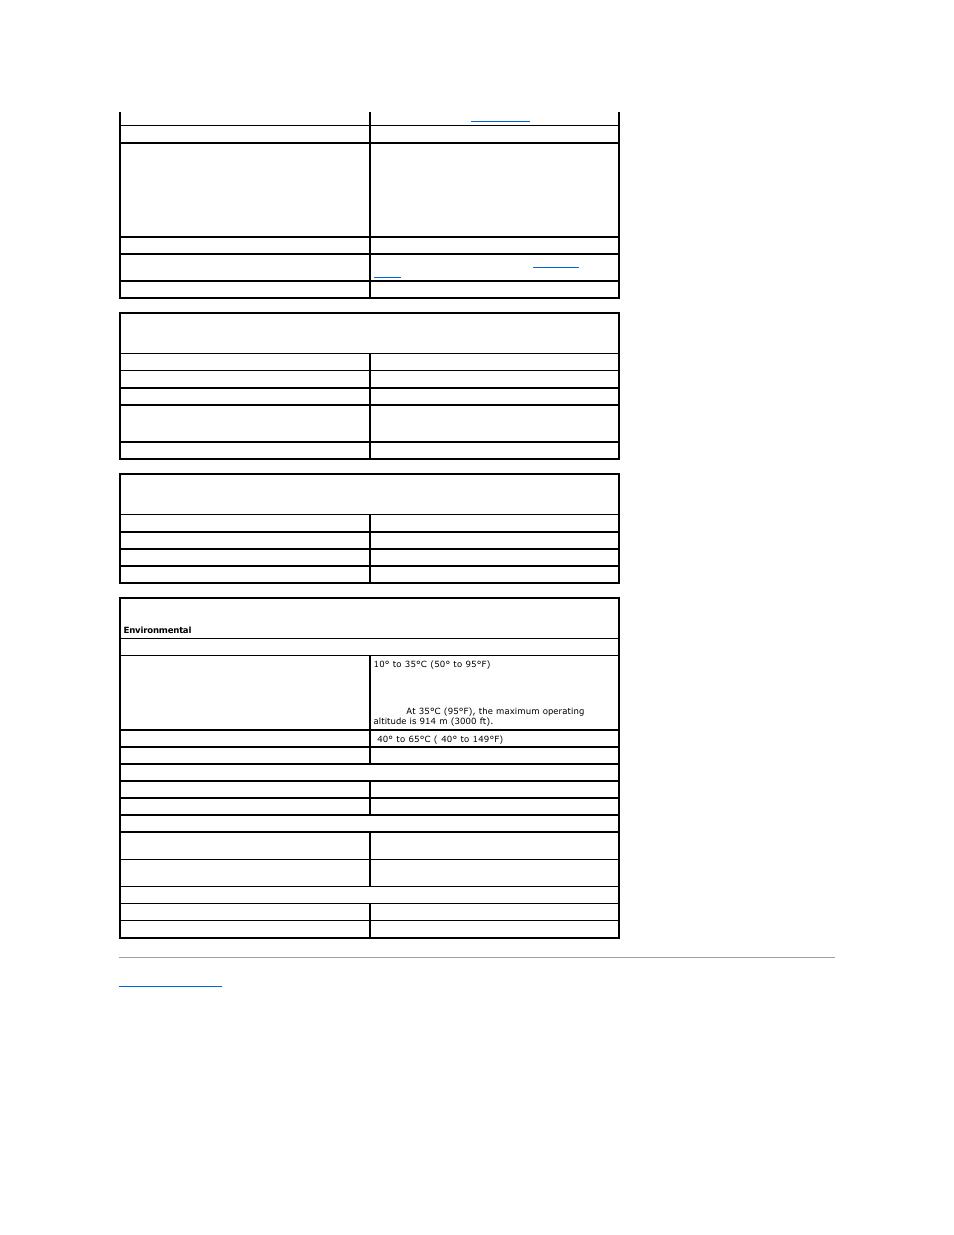 dell dimension 4700 user manual page 39 50 original mode rh manualsdir com dell dimension 4600 manual dell dimension 4700 manual english